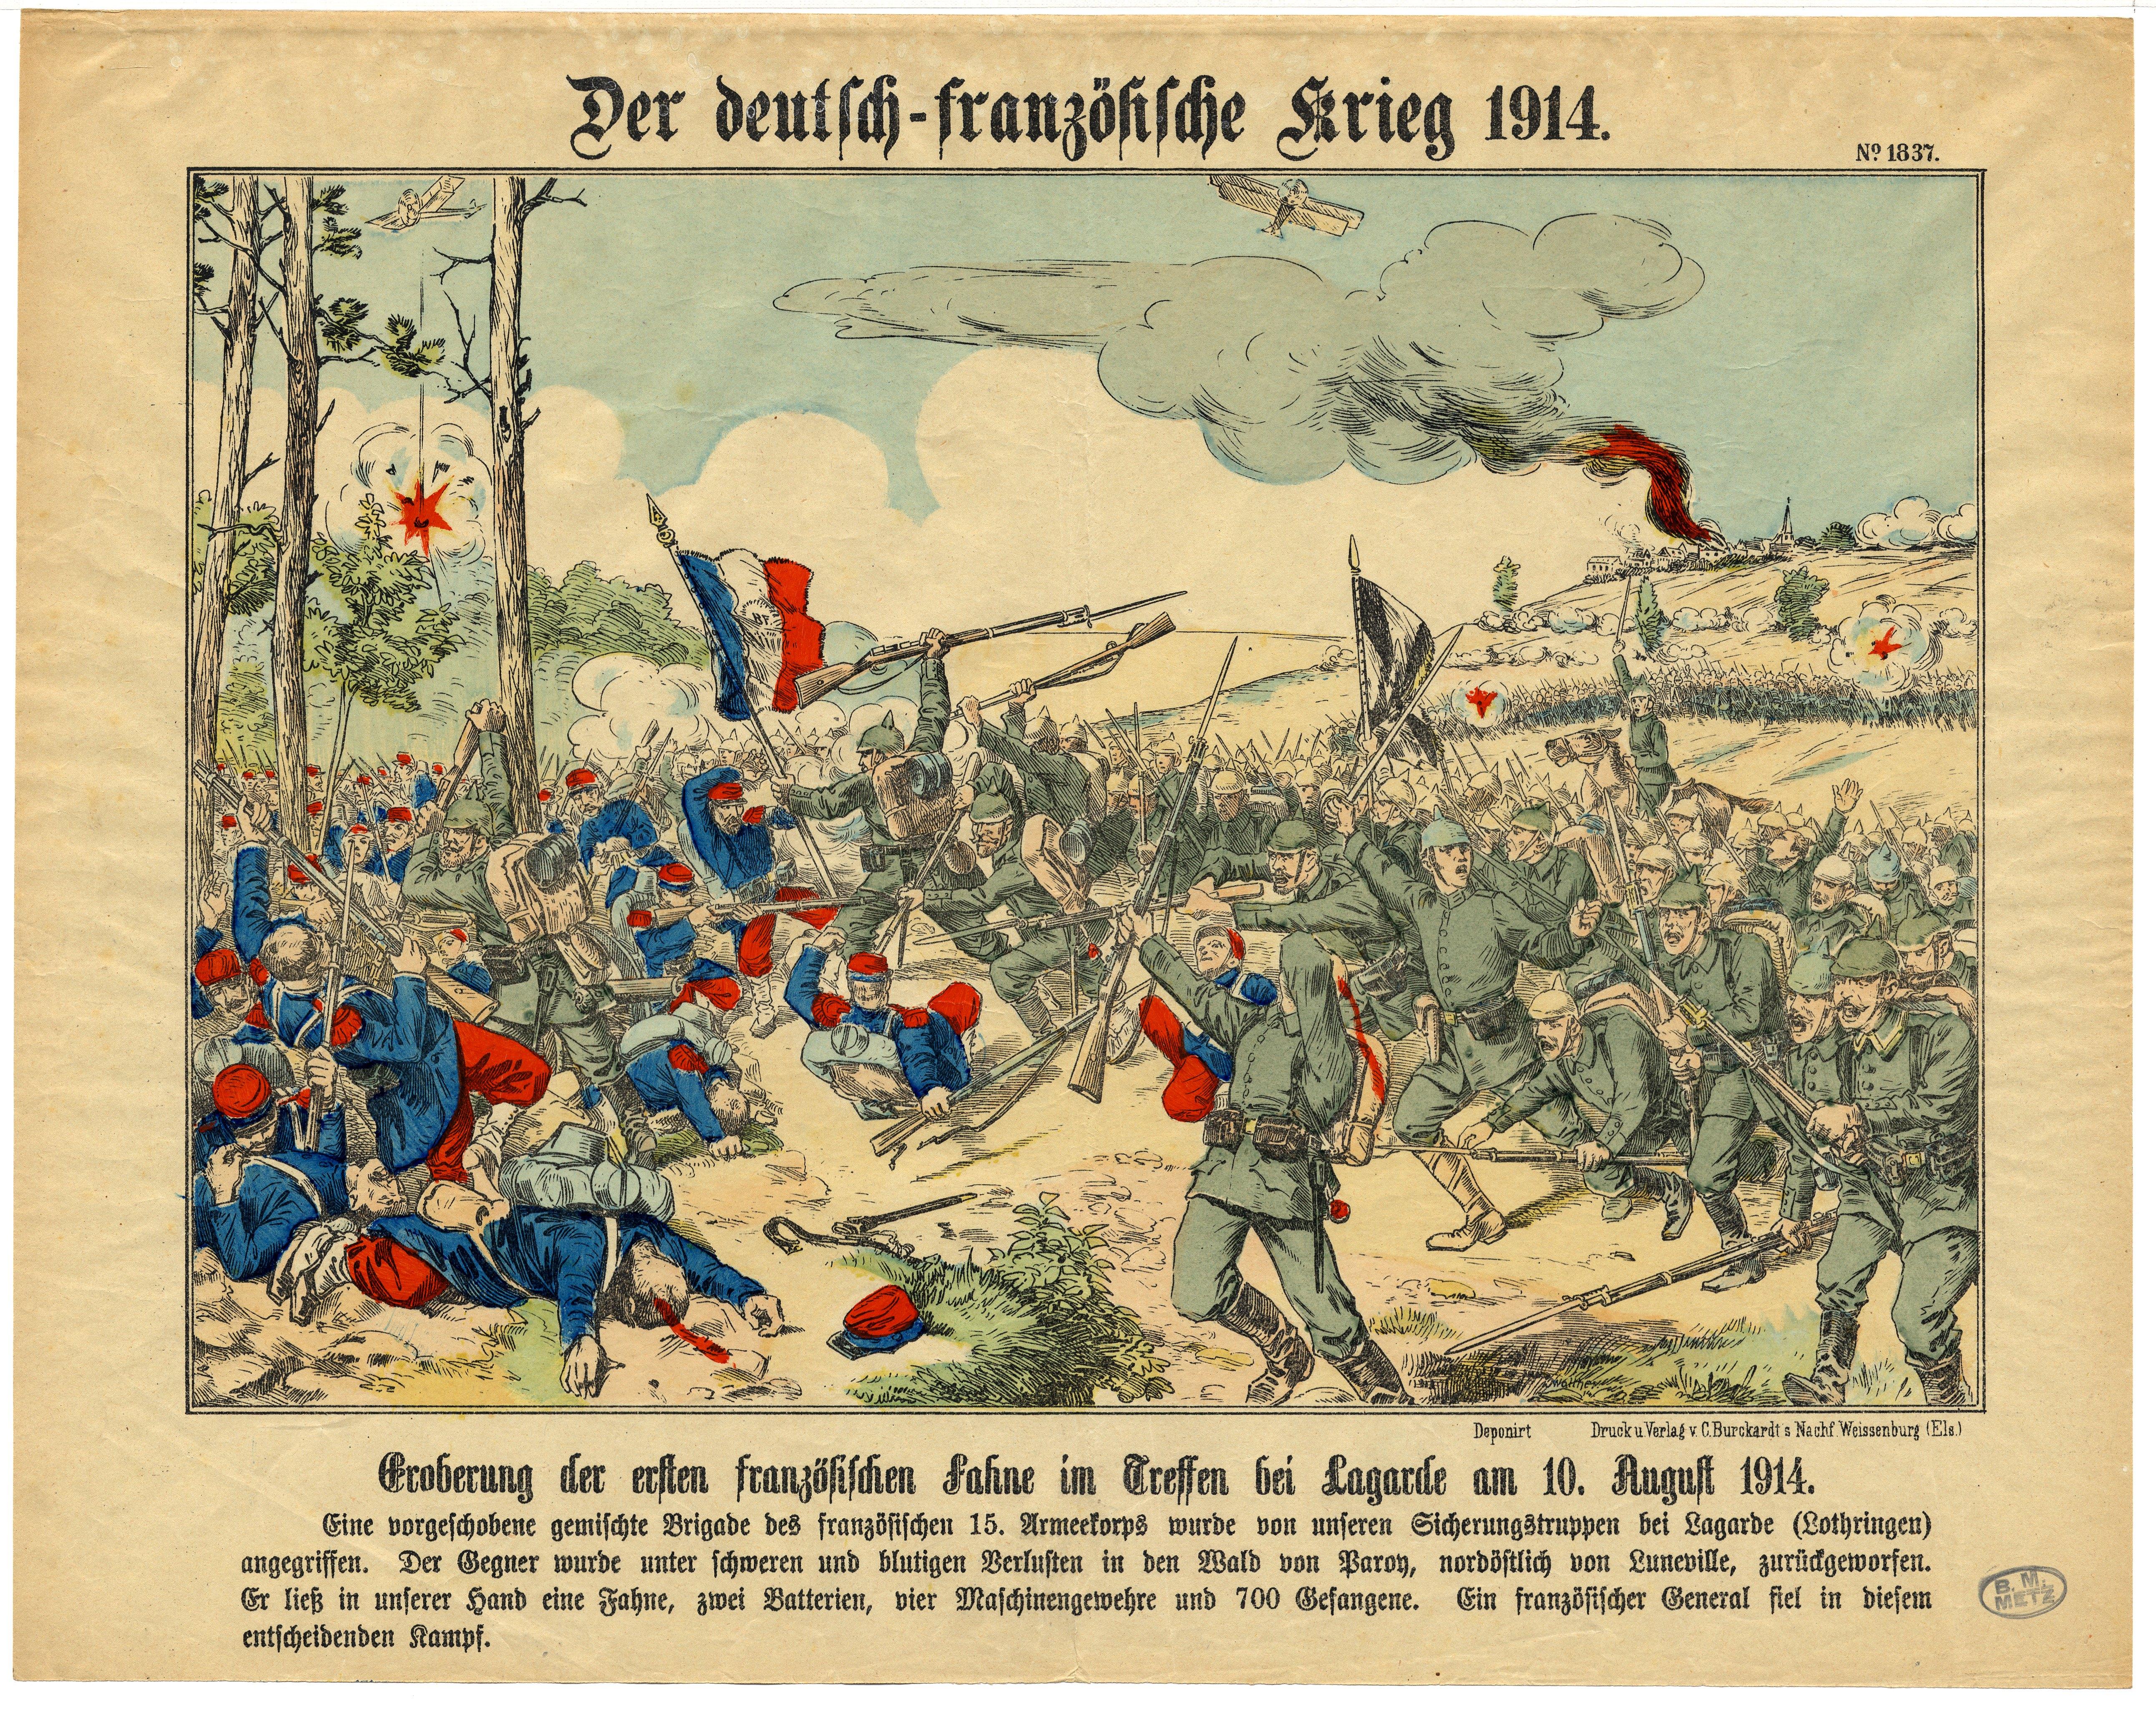 Contenu du Der deutsch-französische Krieg 1914